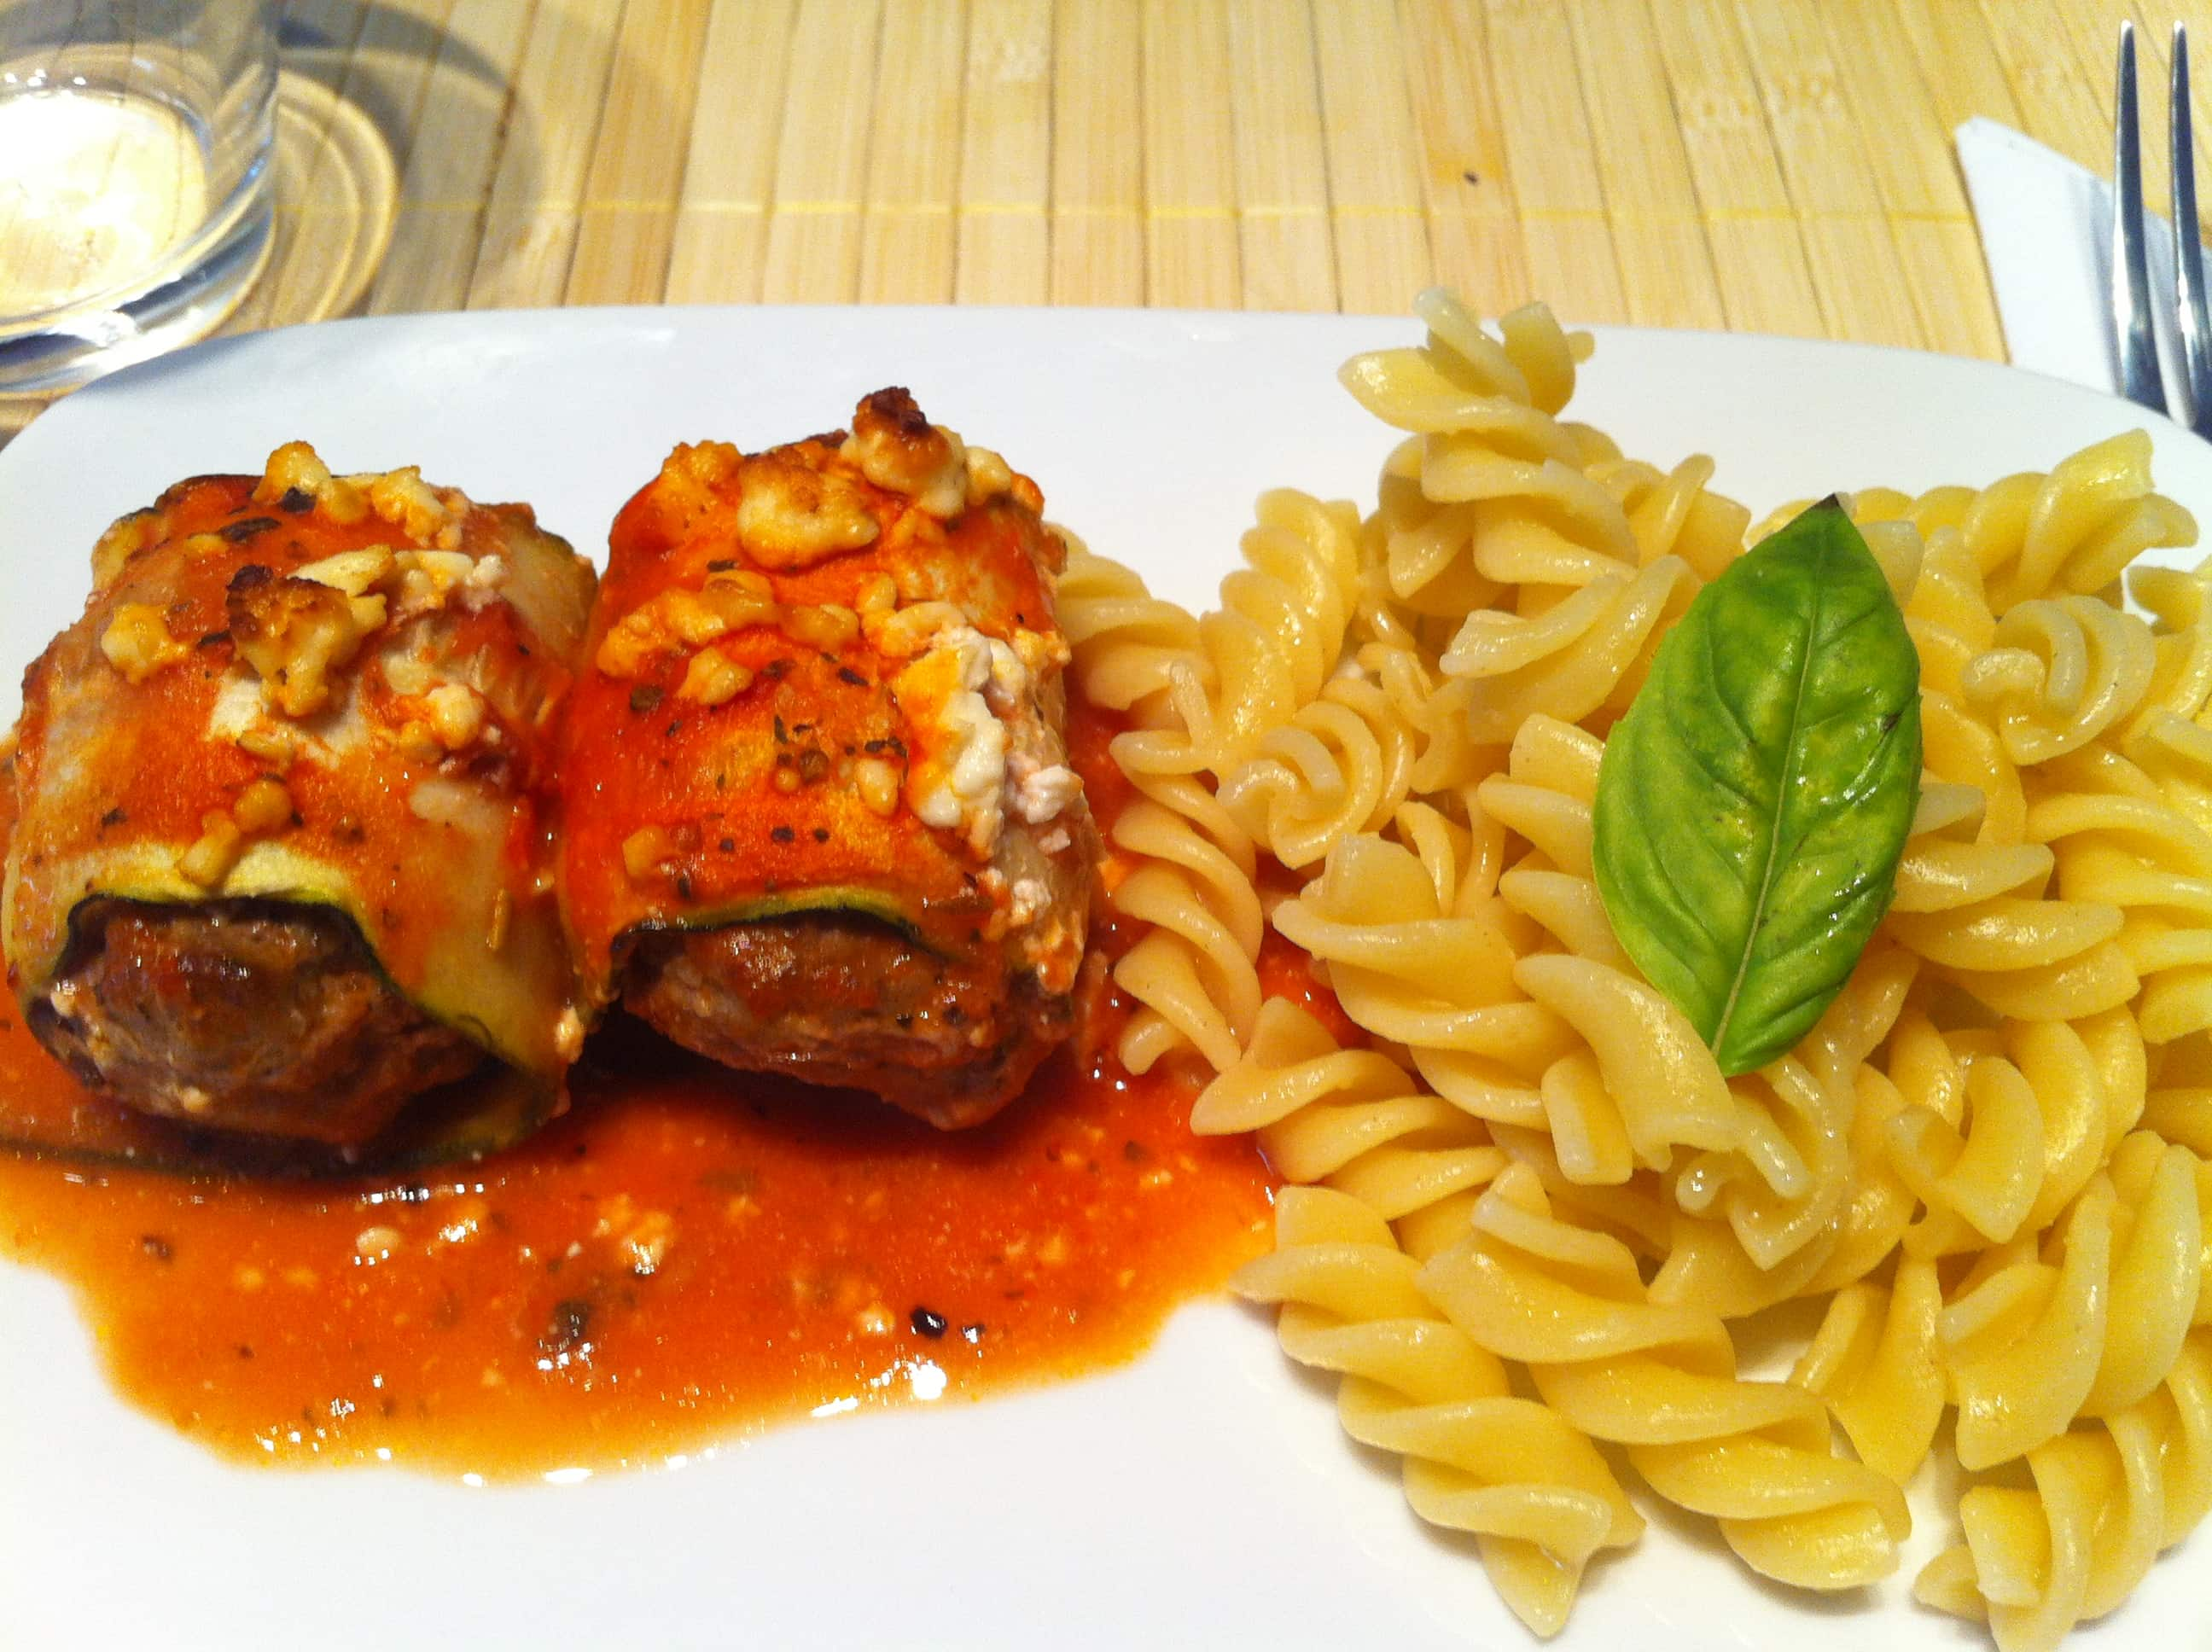 Die High Carb Fitness Cannelloni mit einer leichten Tomatensauce